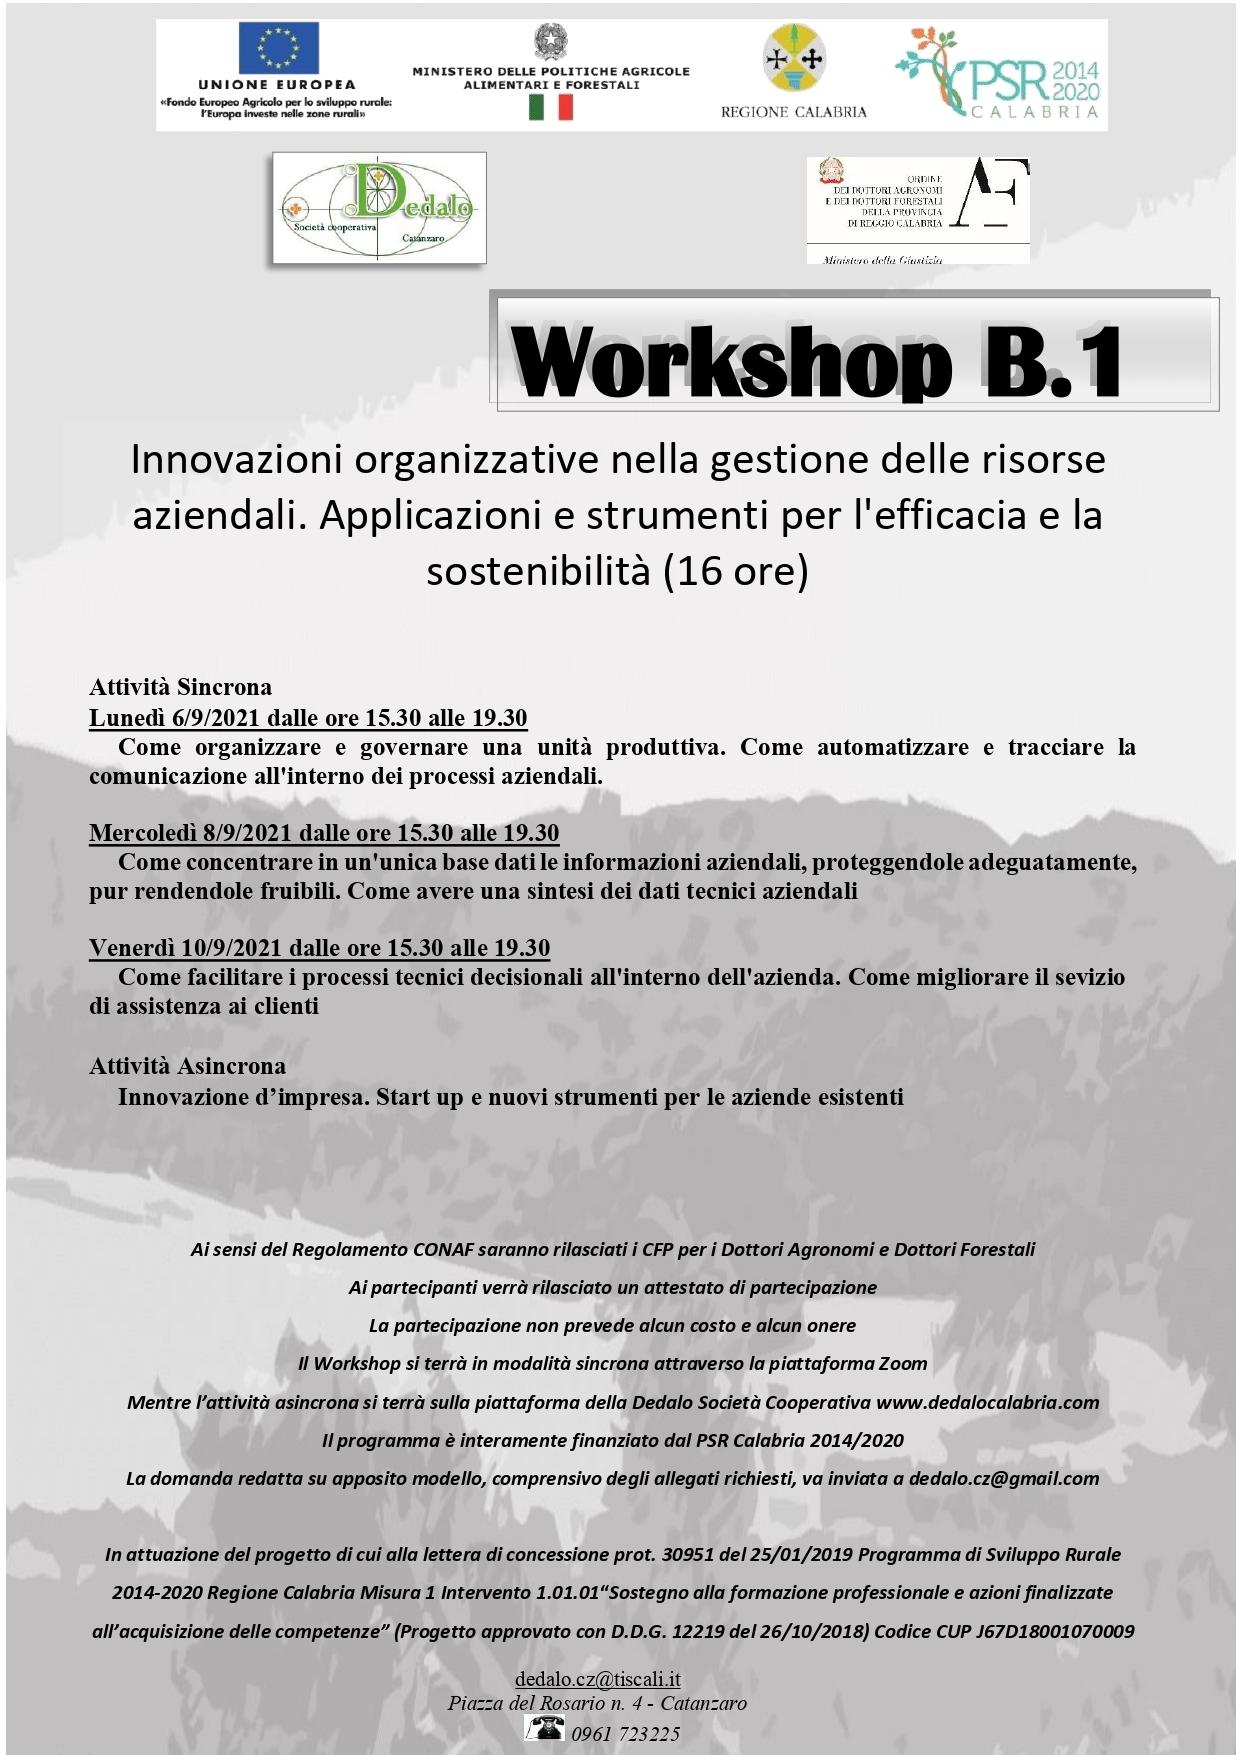 WORKSHOP B.1. Innovazioni organizzative nella gestione delle risorse aziendali. Applicazioni e strumenti per l'efficacia e la sostenibilità – 16 ore